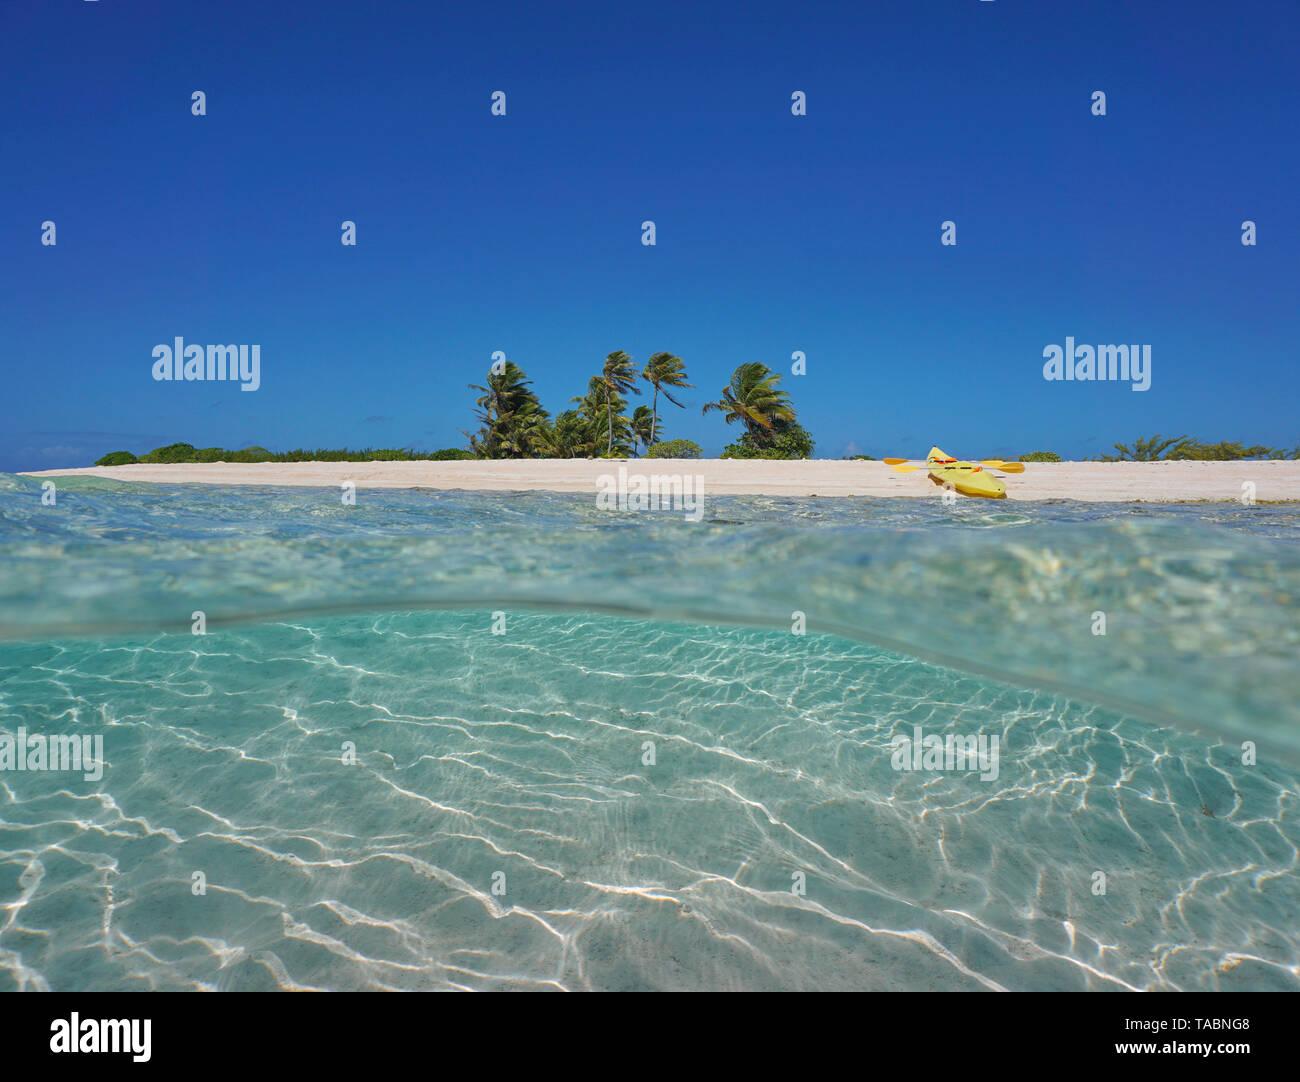 Isla tropical de arena con un kayak de mar en la playa de arena y submarinas, Polinesia francesa, Océano Pacífico, vista dividida por la mitad y bajo el agua. Foto de stock